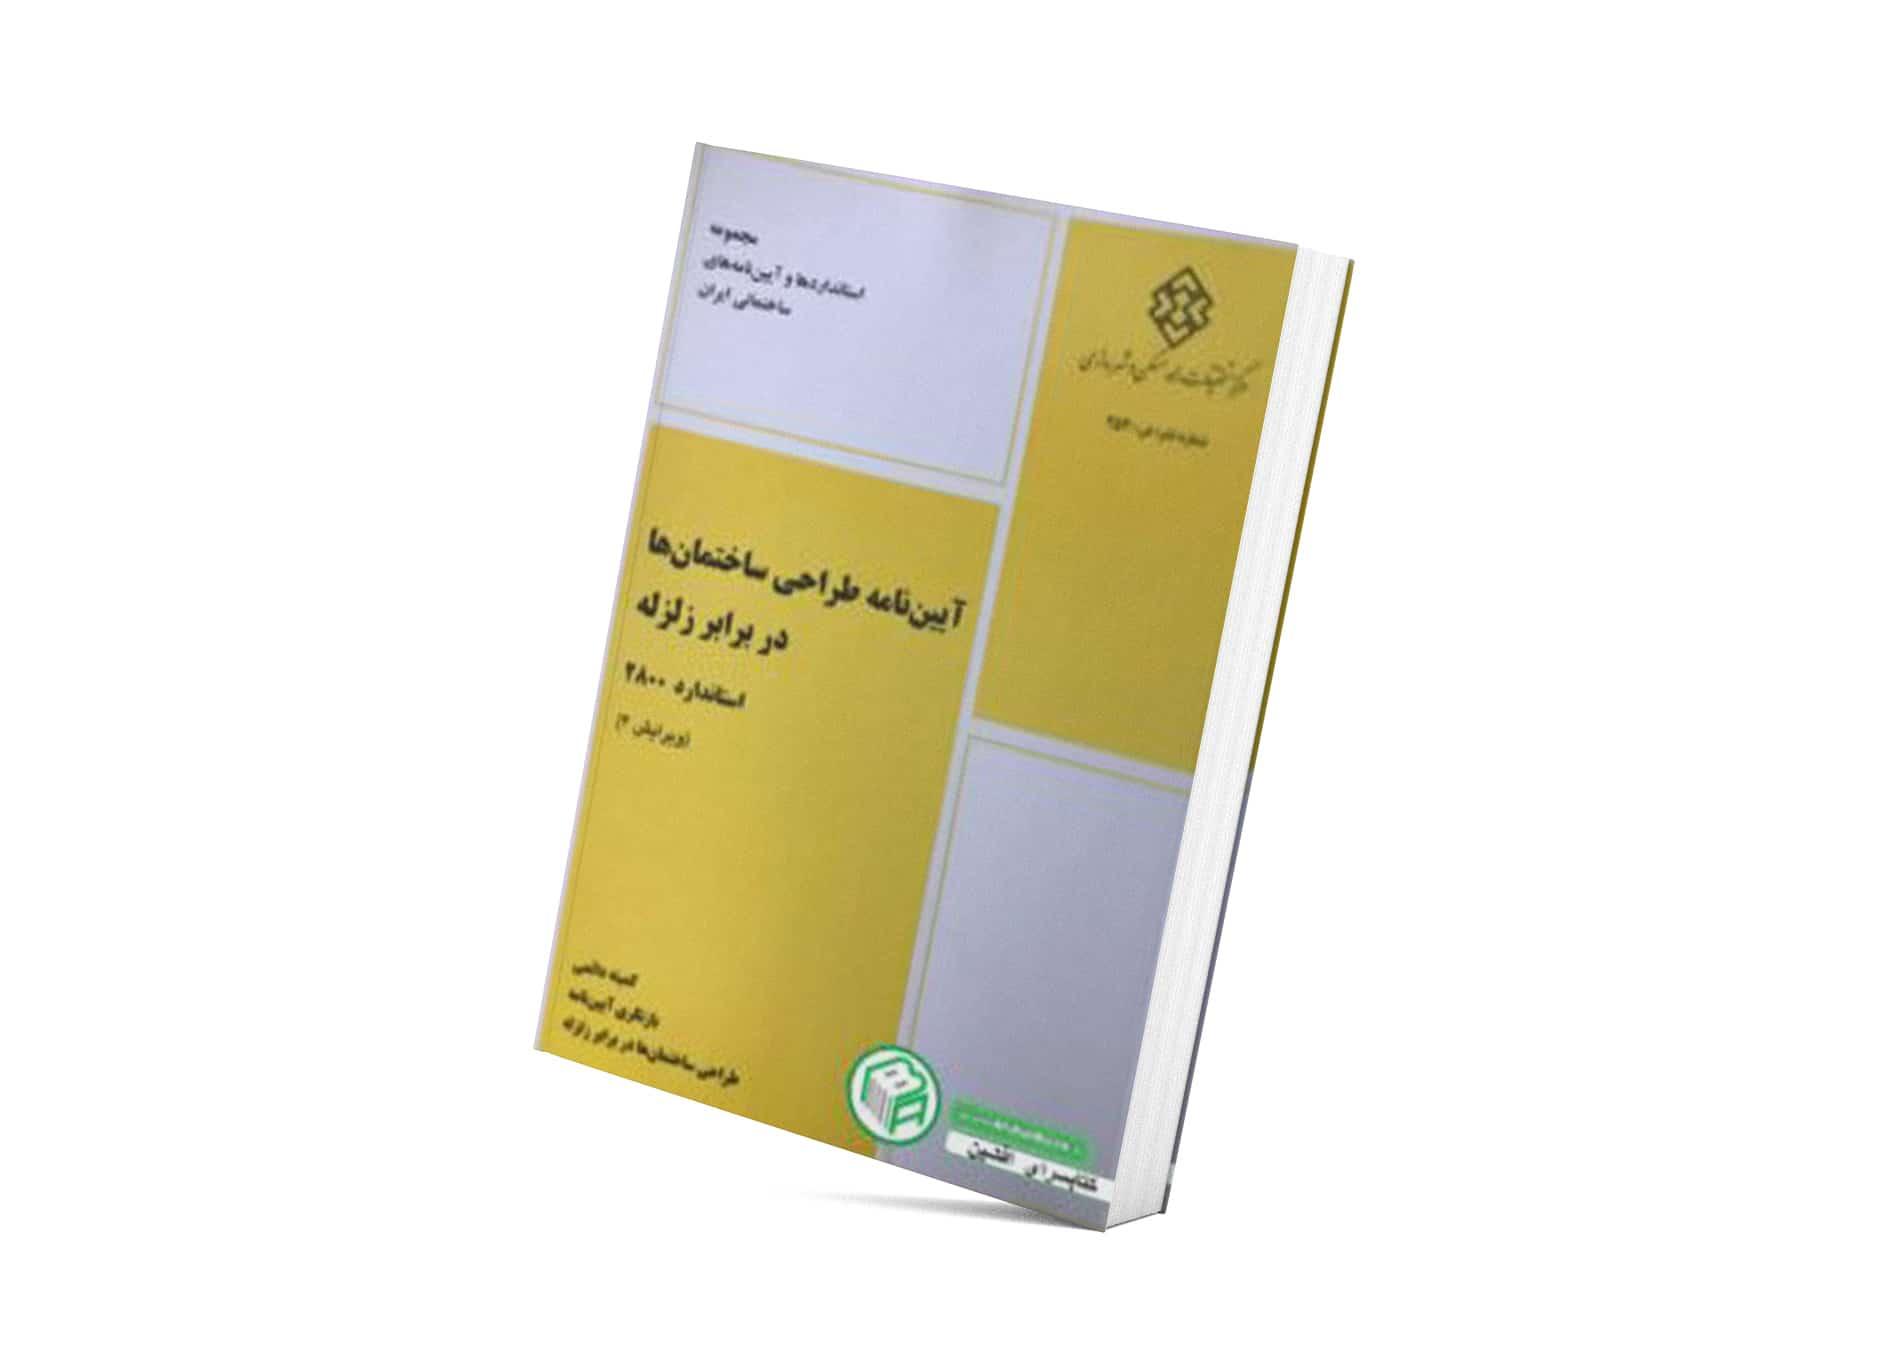 خرید کتاب آیین نامه 2800